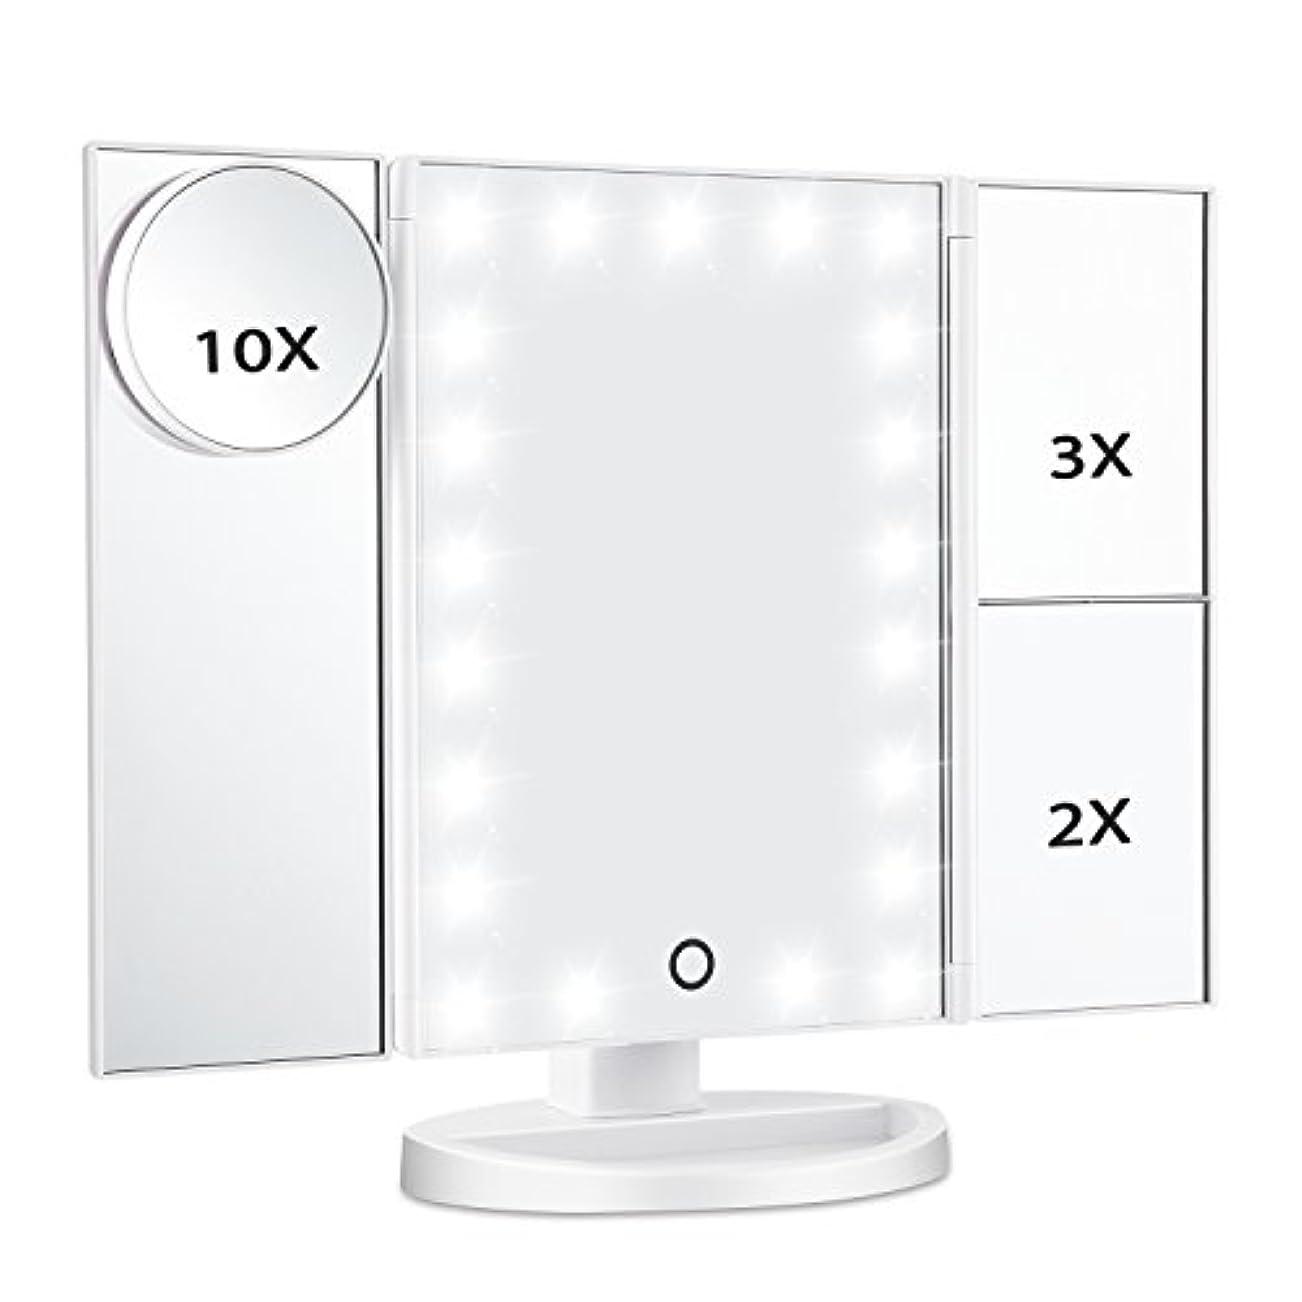 飢饉こんにちは郵便番号Magicfly 化粧鏡 化粧ミラー 鏡 三面鏡 女優ミラー 卓上 led付き 折りたたみ 拡大鏡10&3&2倍 明るさ調節可能 180°回転 電池/USB 2WAY給電 (ホワイト)